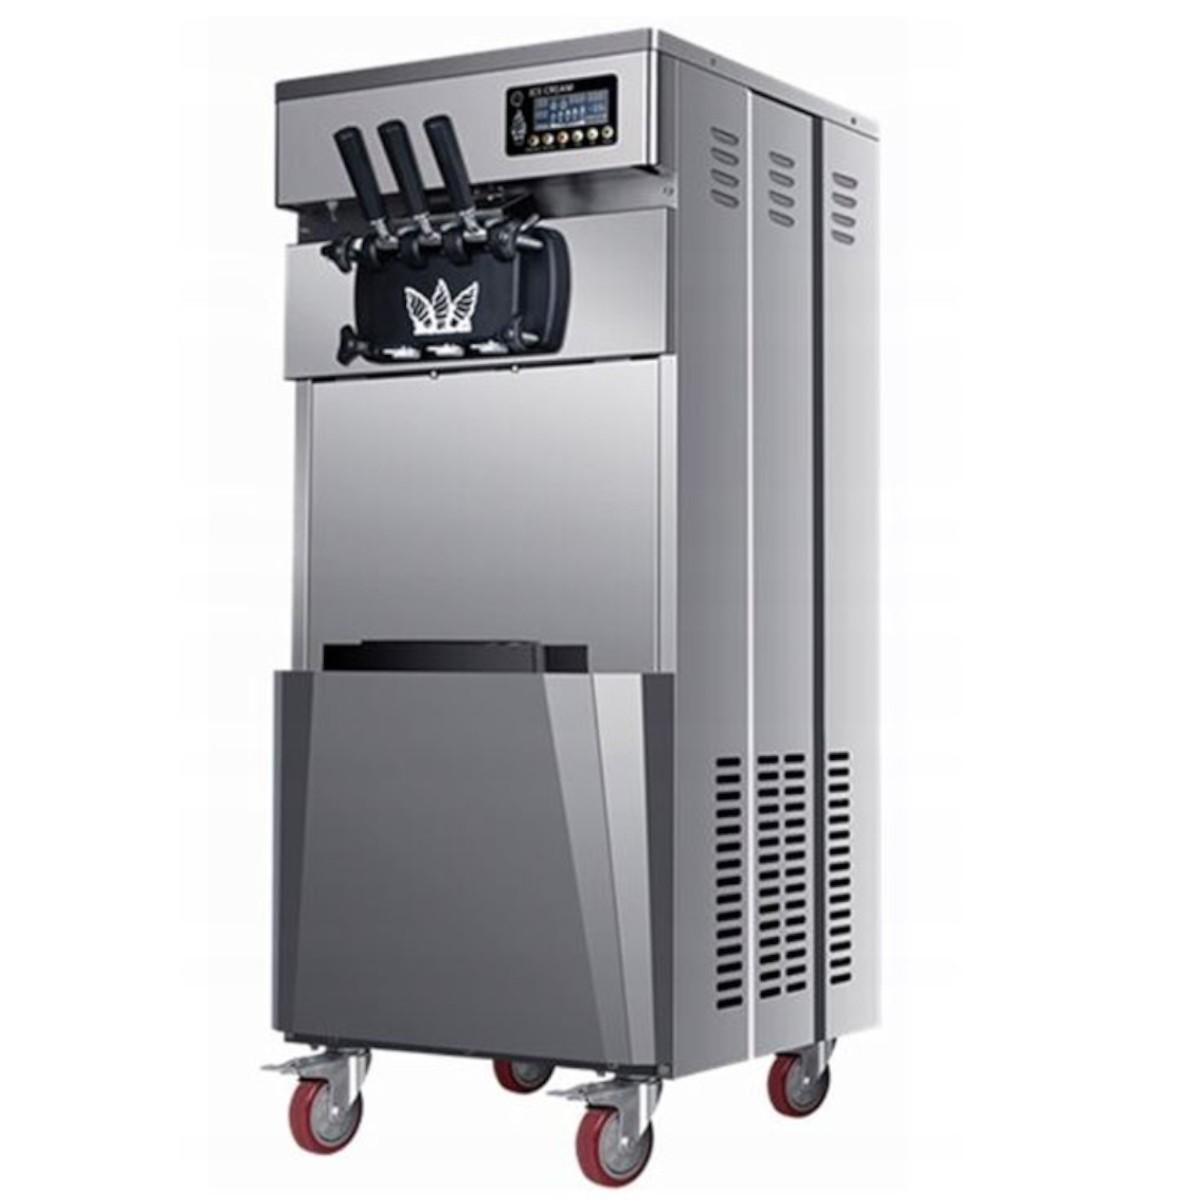 Maszyna do lodów włoskich marki Sonoro bokiem